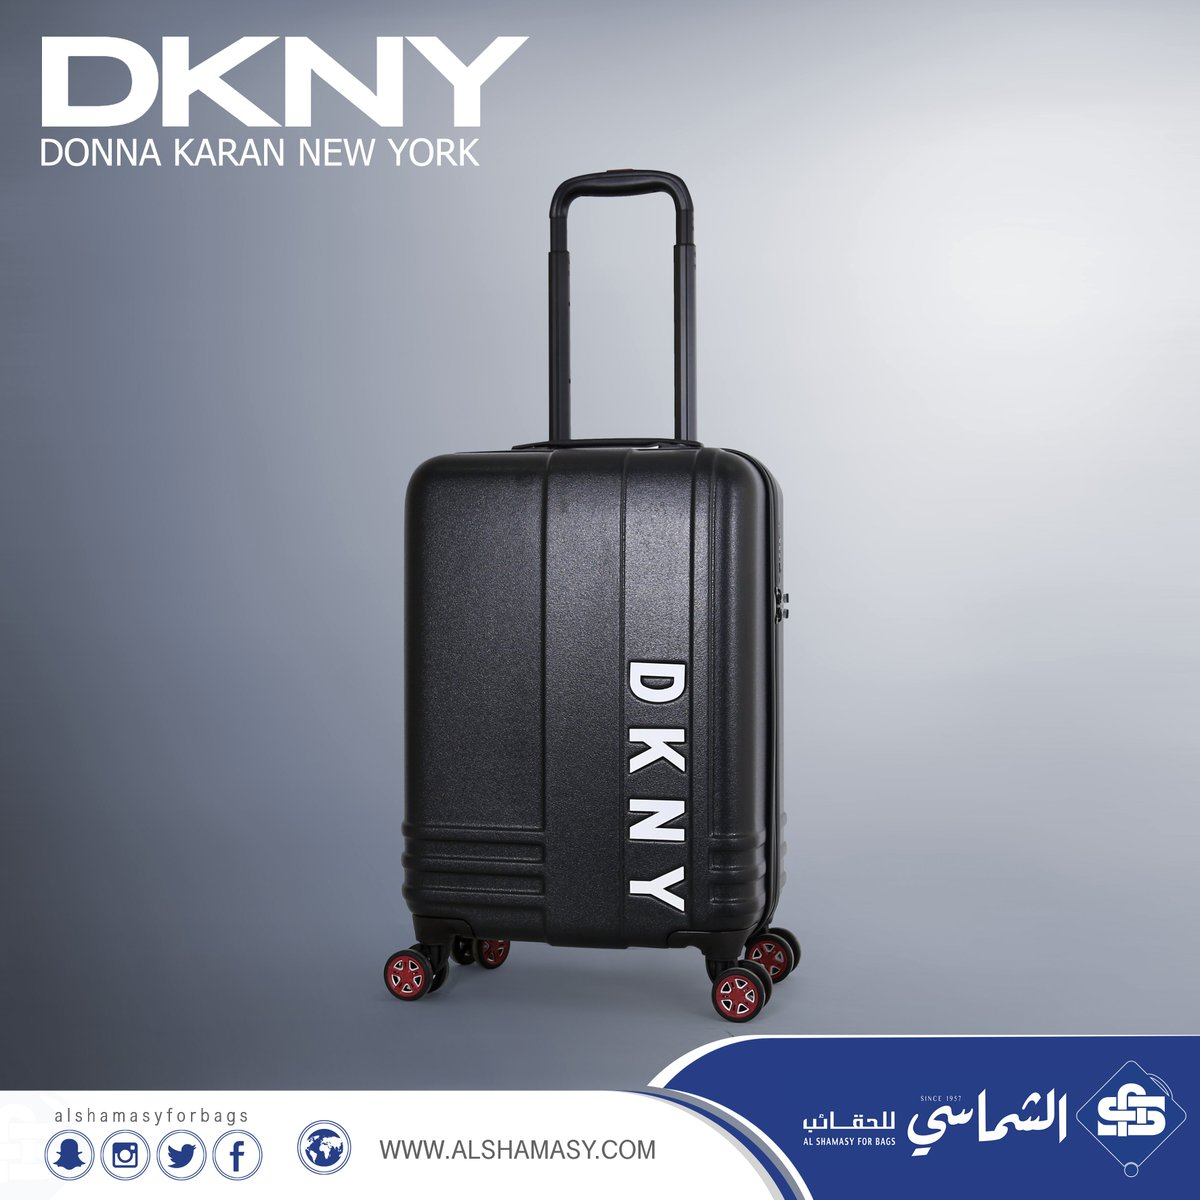 2882b301d392f وصل حديثا حقيبة سفر ماركة DKNY مقاس واحد بحجم كبينة الطائره مصنوعة من  البولي كاربون قفل